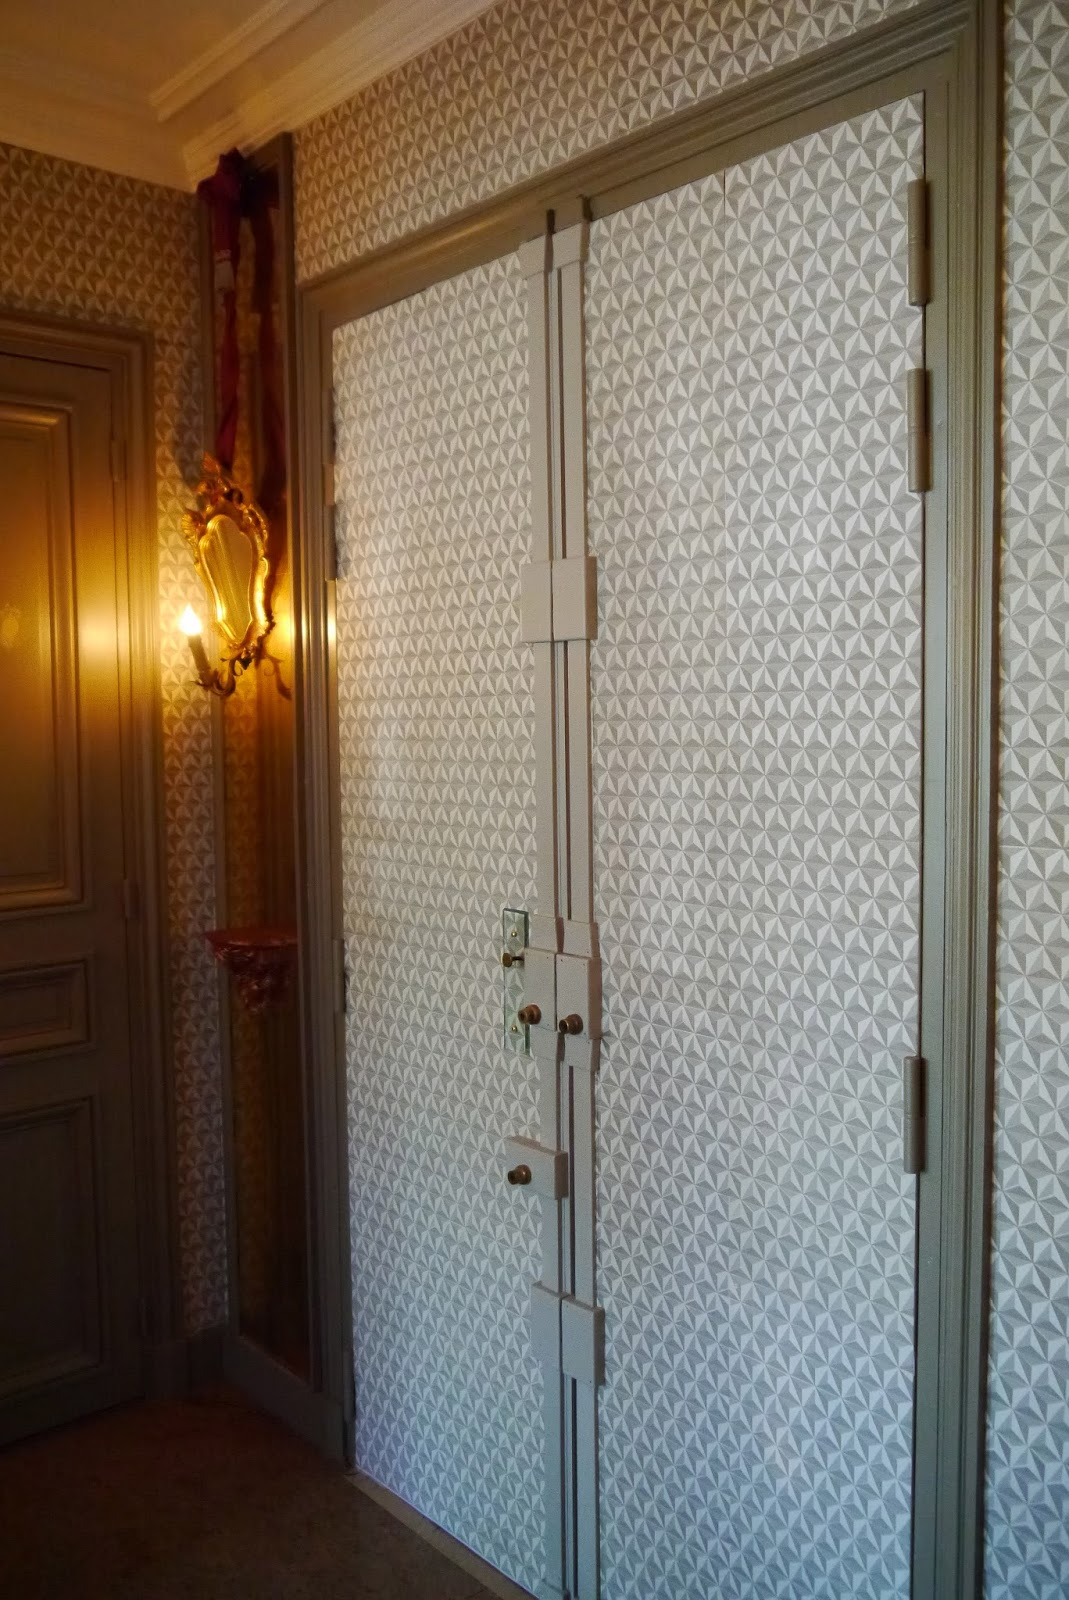 Paris chez antoinette poisson papier dominot pointe de diamant - Habillage porte d entree ...